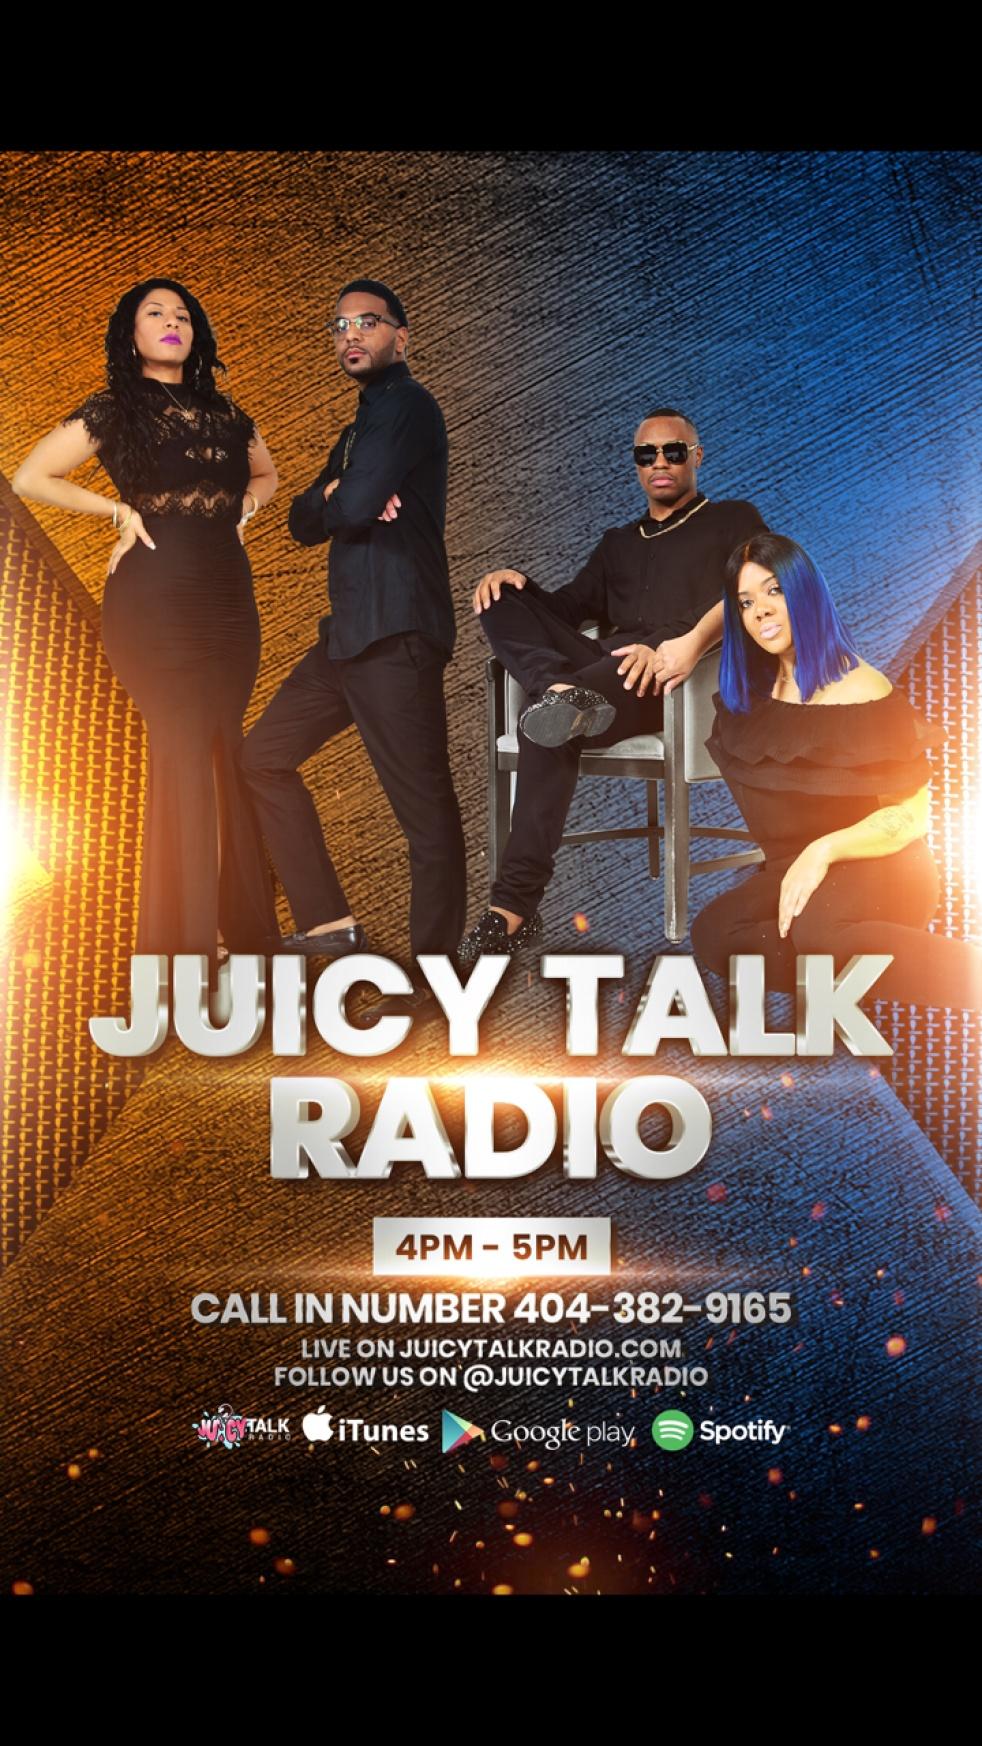 Juicy Talk Radio - immagine di copertina dello show